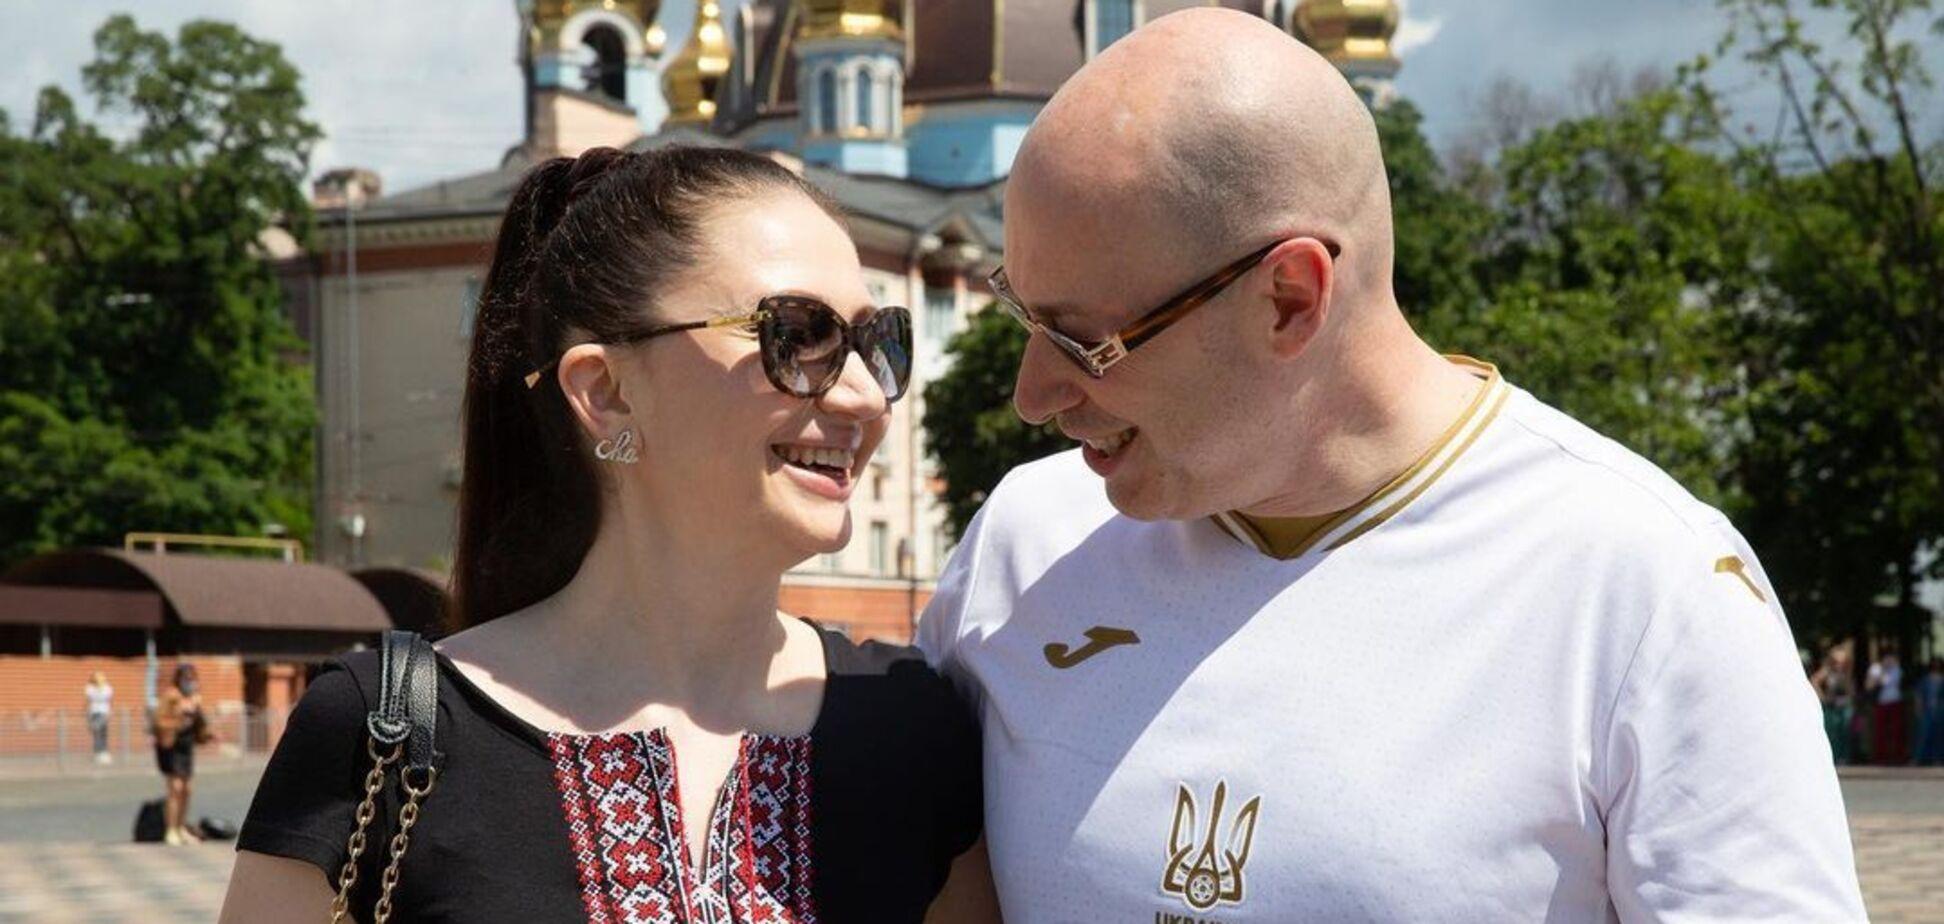 Відомий український телеведучий Дмитро Гордон з дружиною